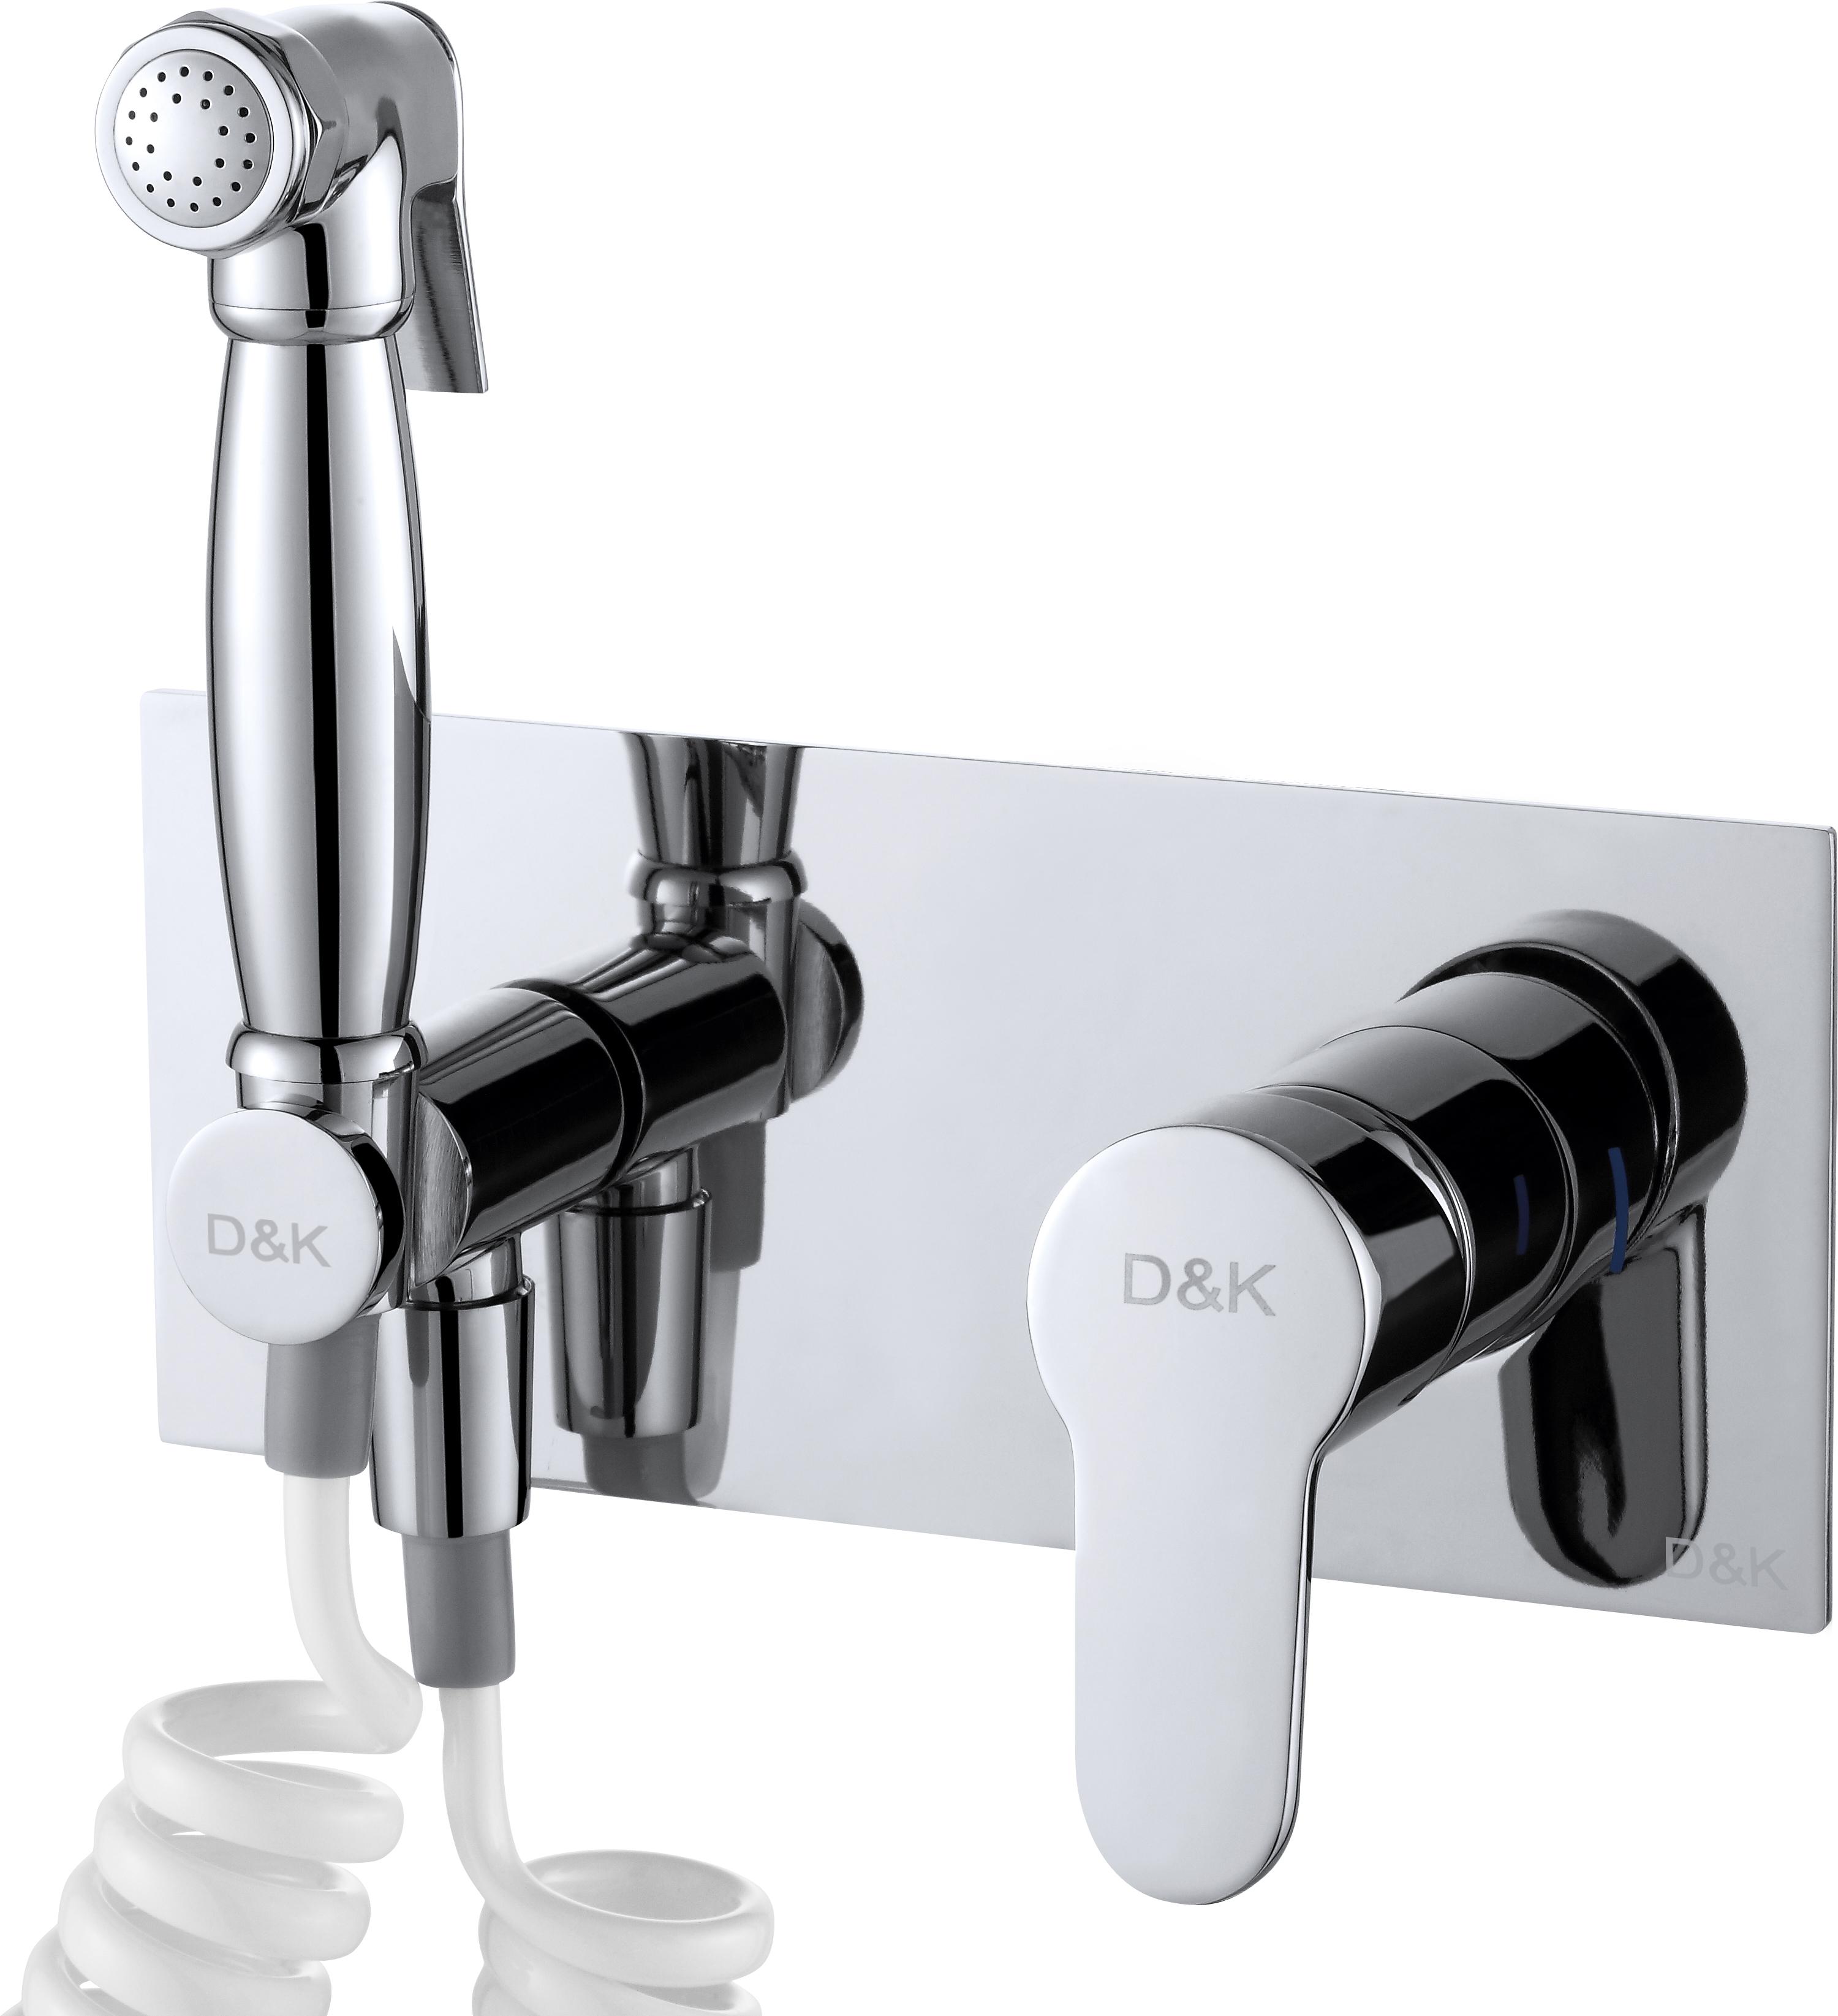 Смеситель для душа D&K Rhein.Marx DA1394501 с гигиеническим душем встраиваемый хром